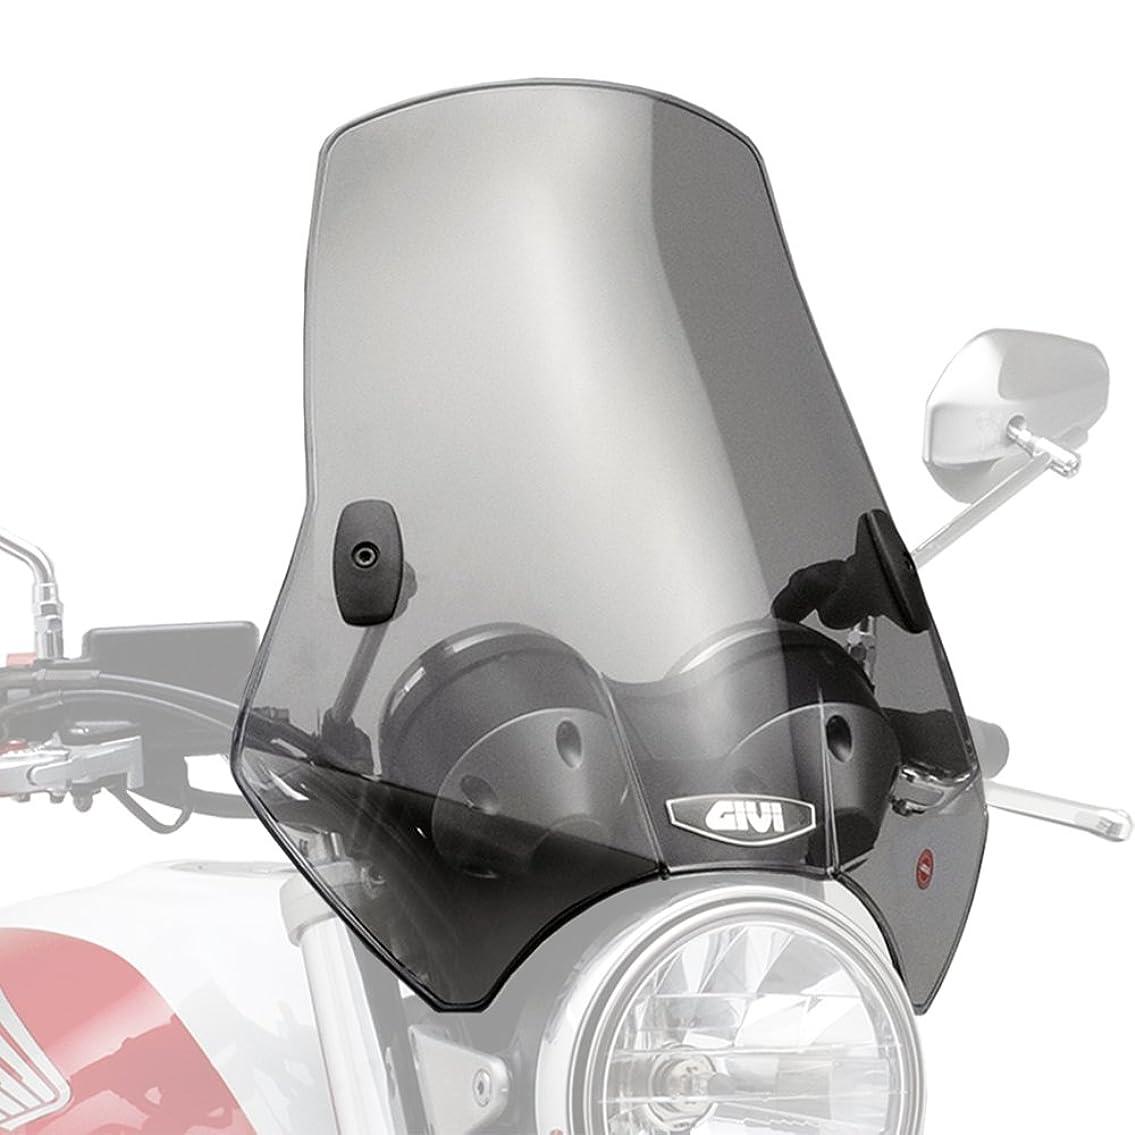 大西洋後退する福祉GIVI(ジビ)【イタリアブランド】 バイクウインドスクリーン(A660) CB1300SF('03-'13) 93957 高性能&スタイリッシュデザイン